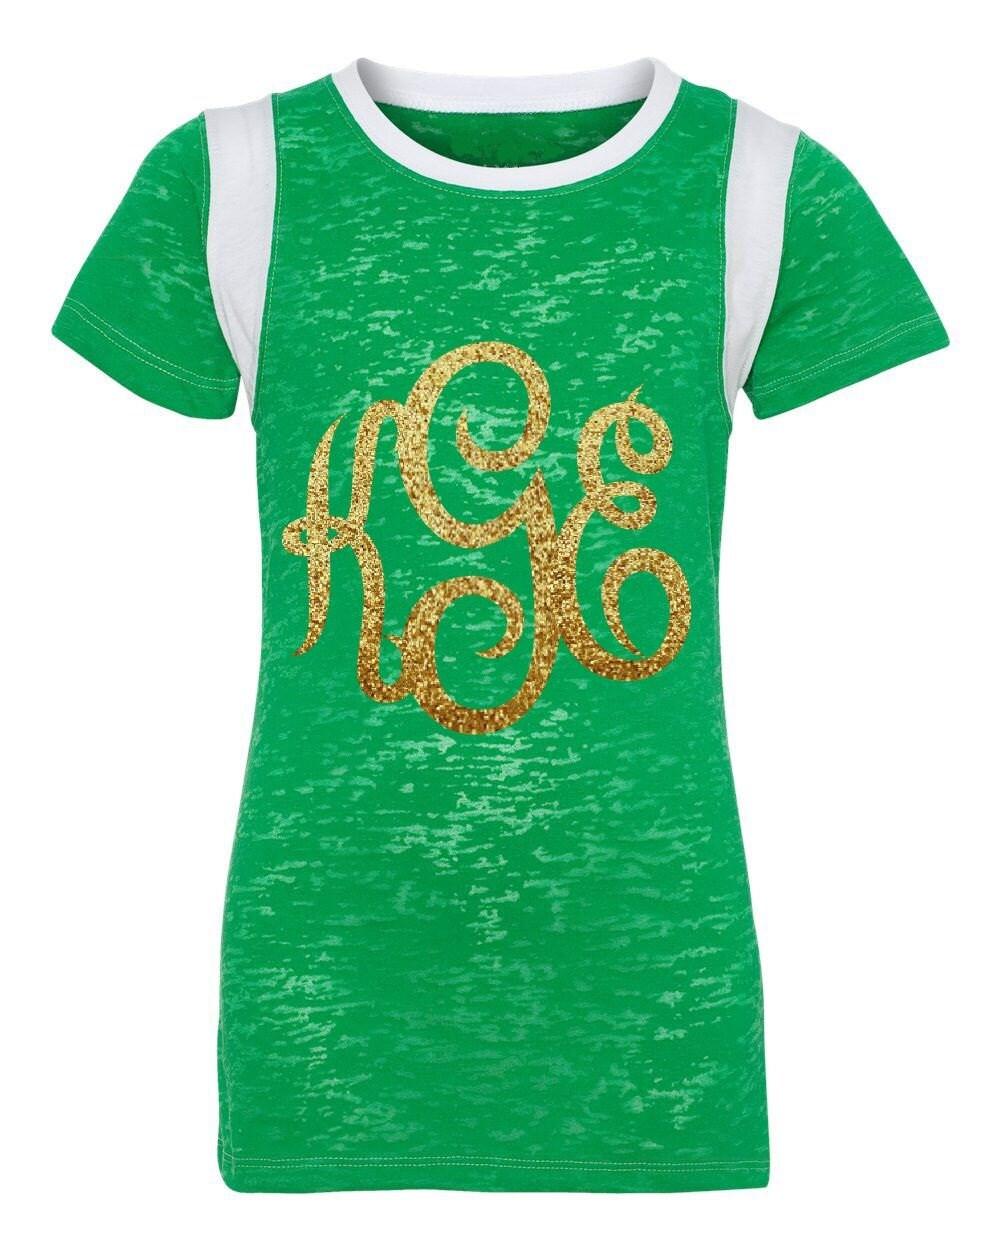 Custom Glitter Monogram Burnout T Shirt Super Cute For St